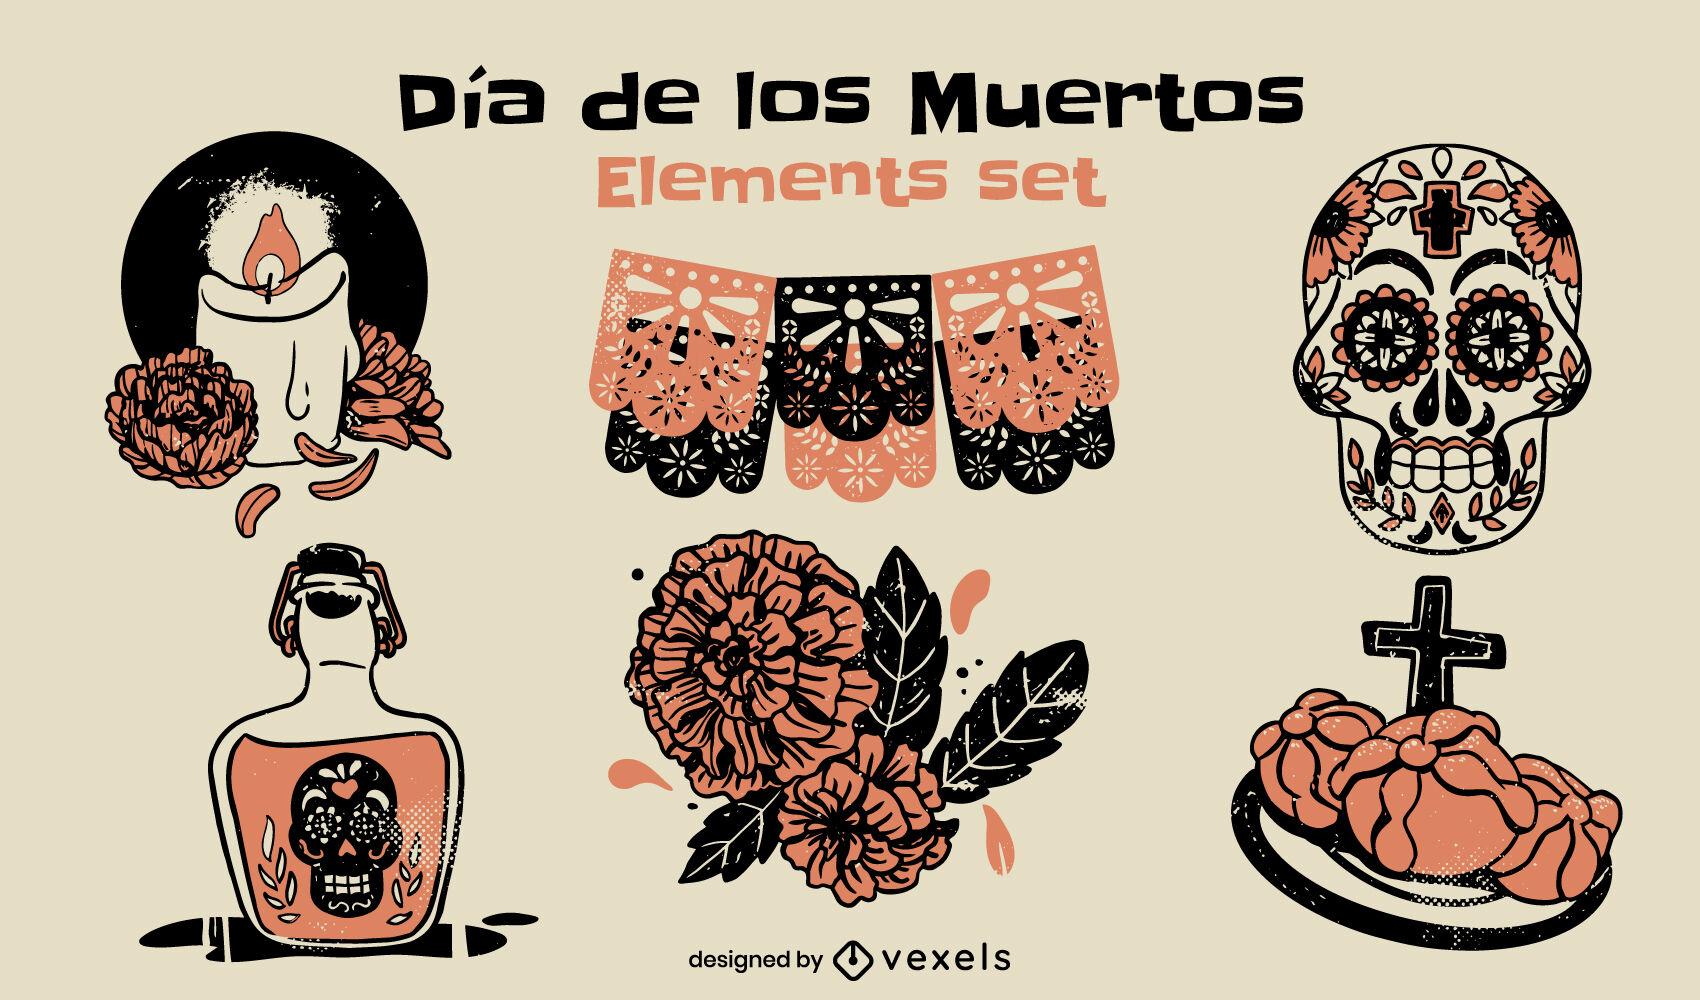 Conjunto de elementos duotônicos do dia dos mortos